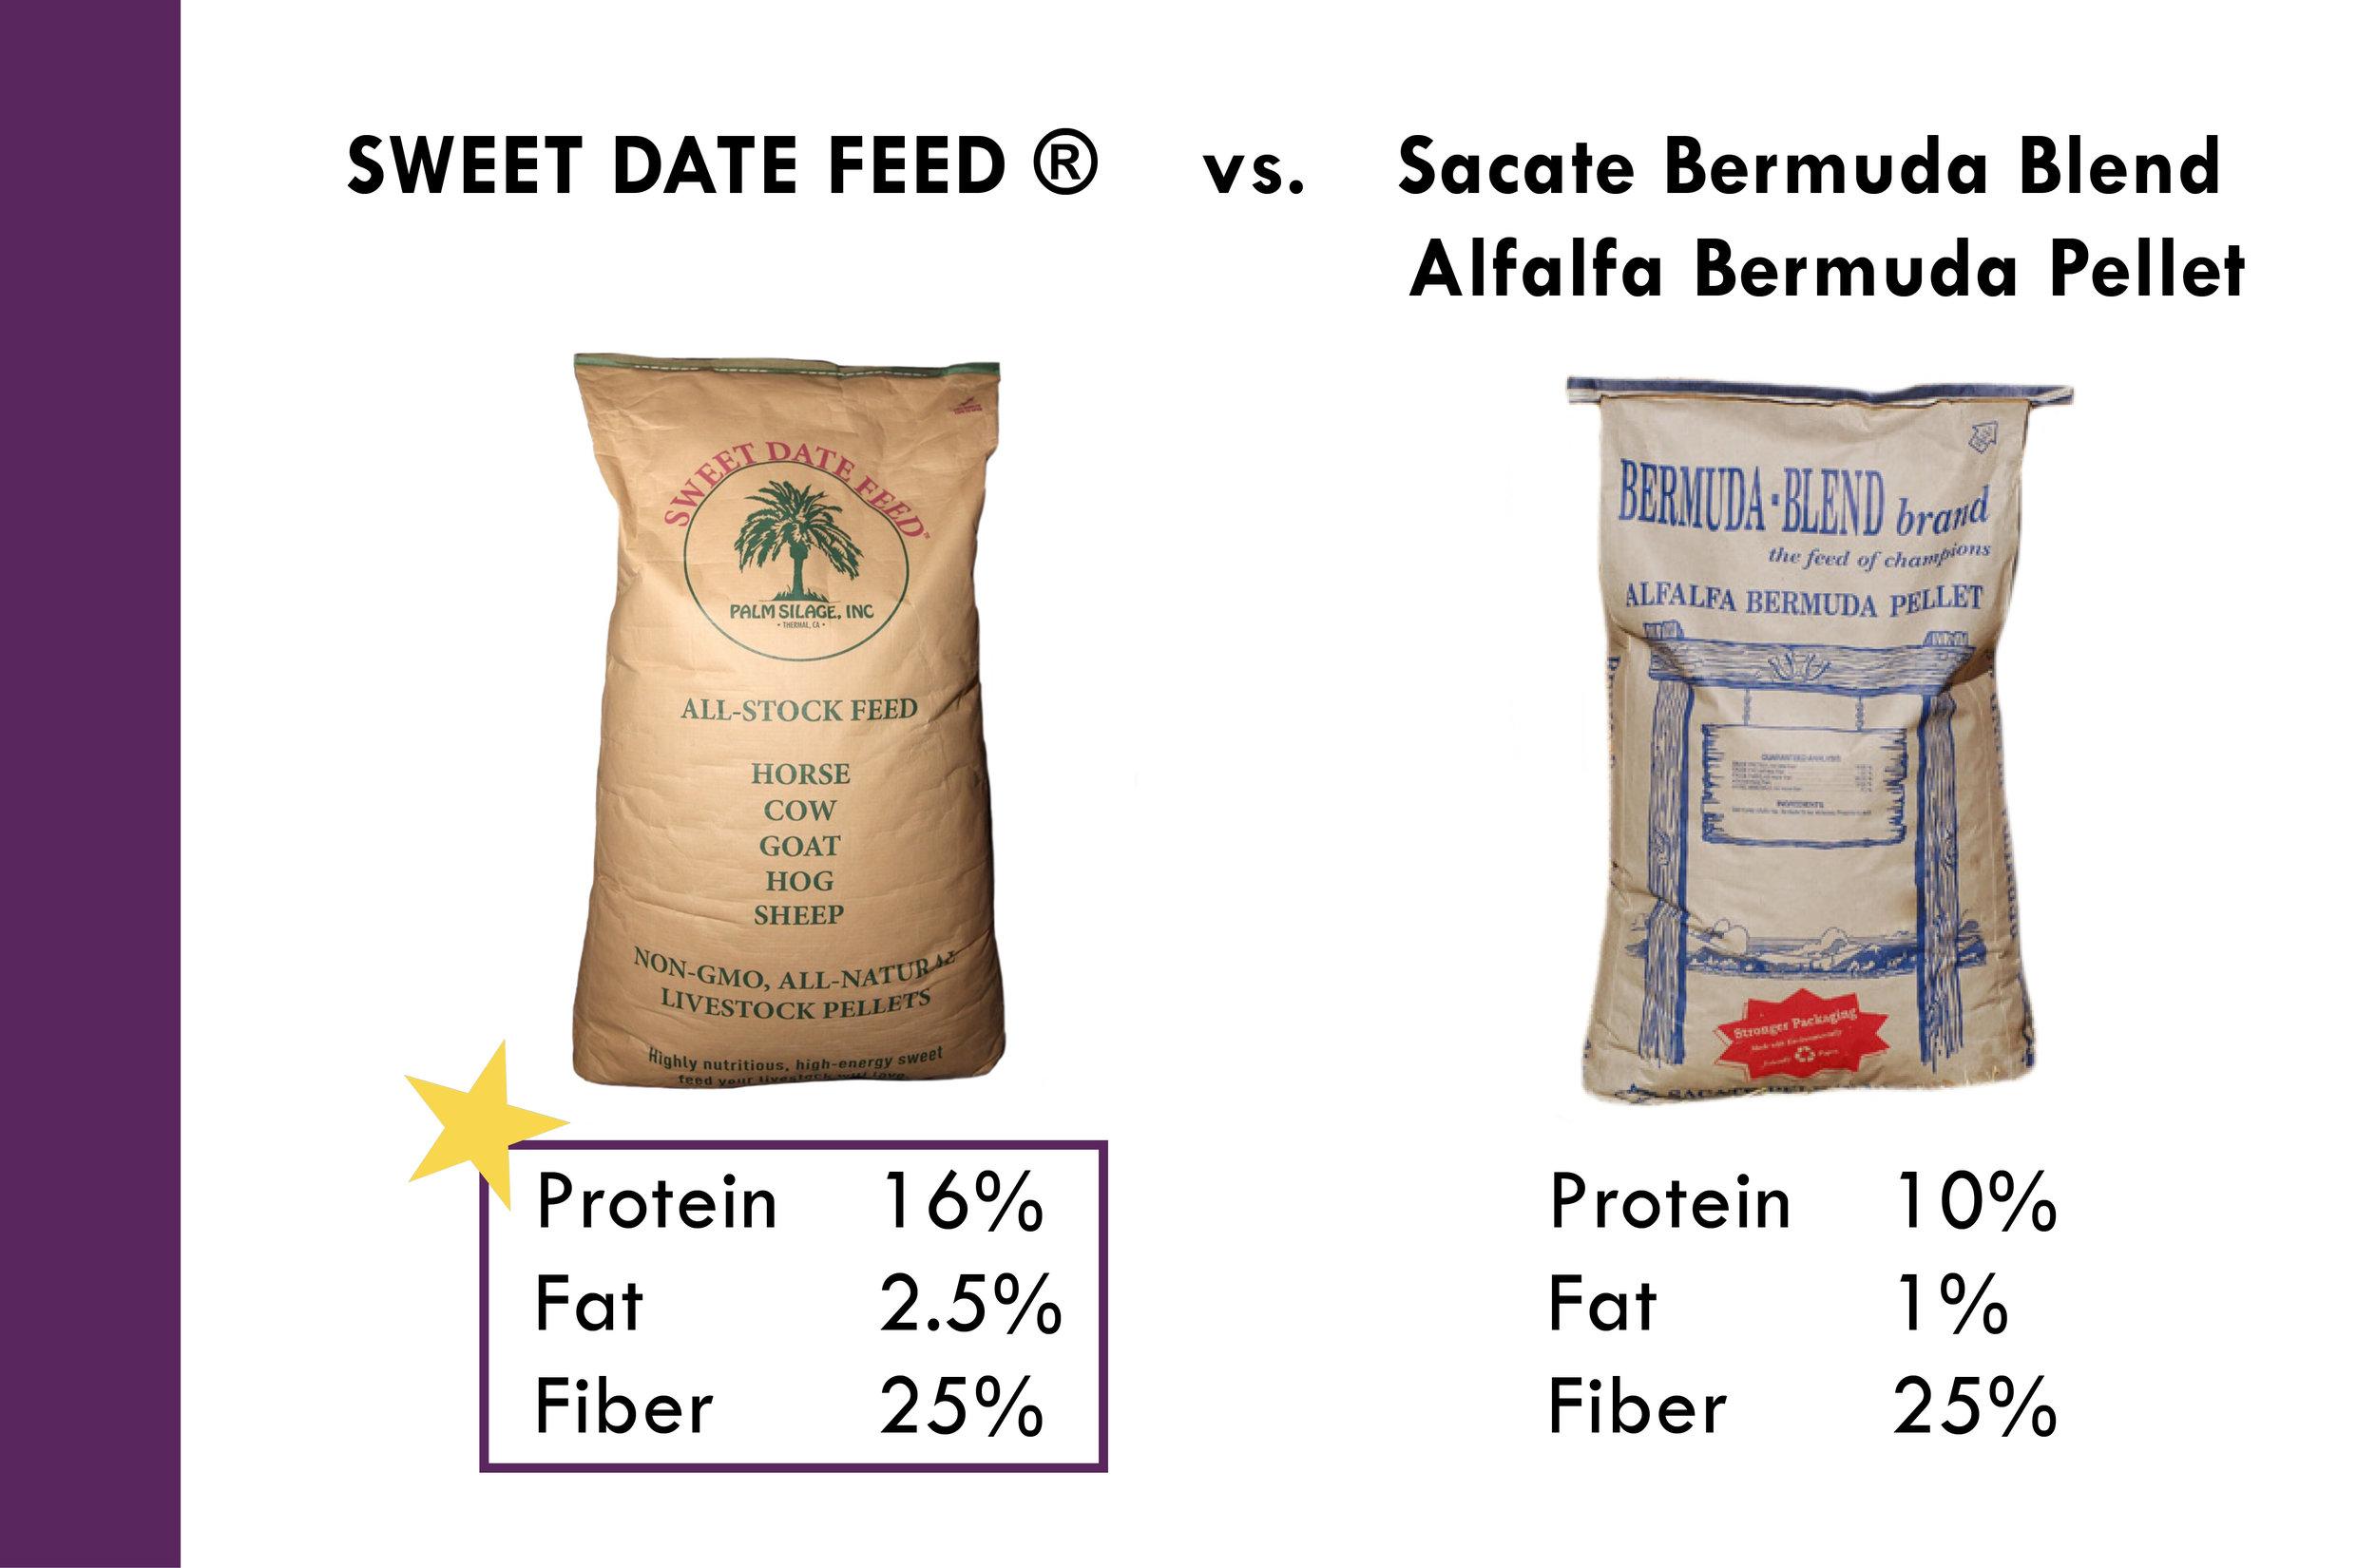 Why Sweet Date Feed_Palm Silage, Inc. 10-11-1710.jpg